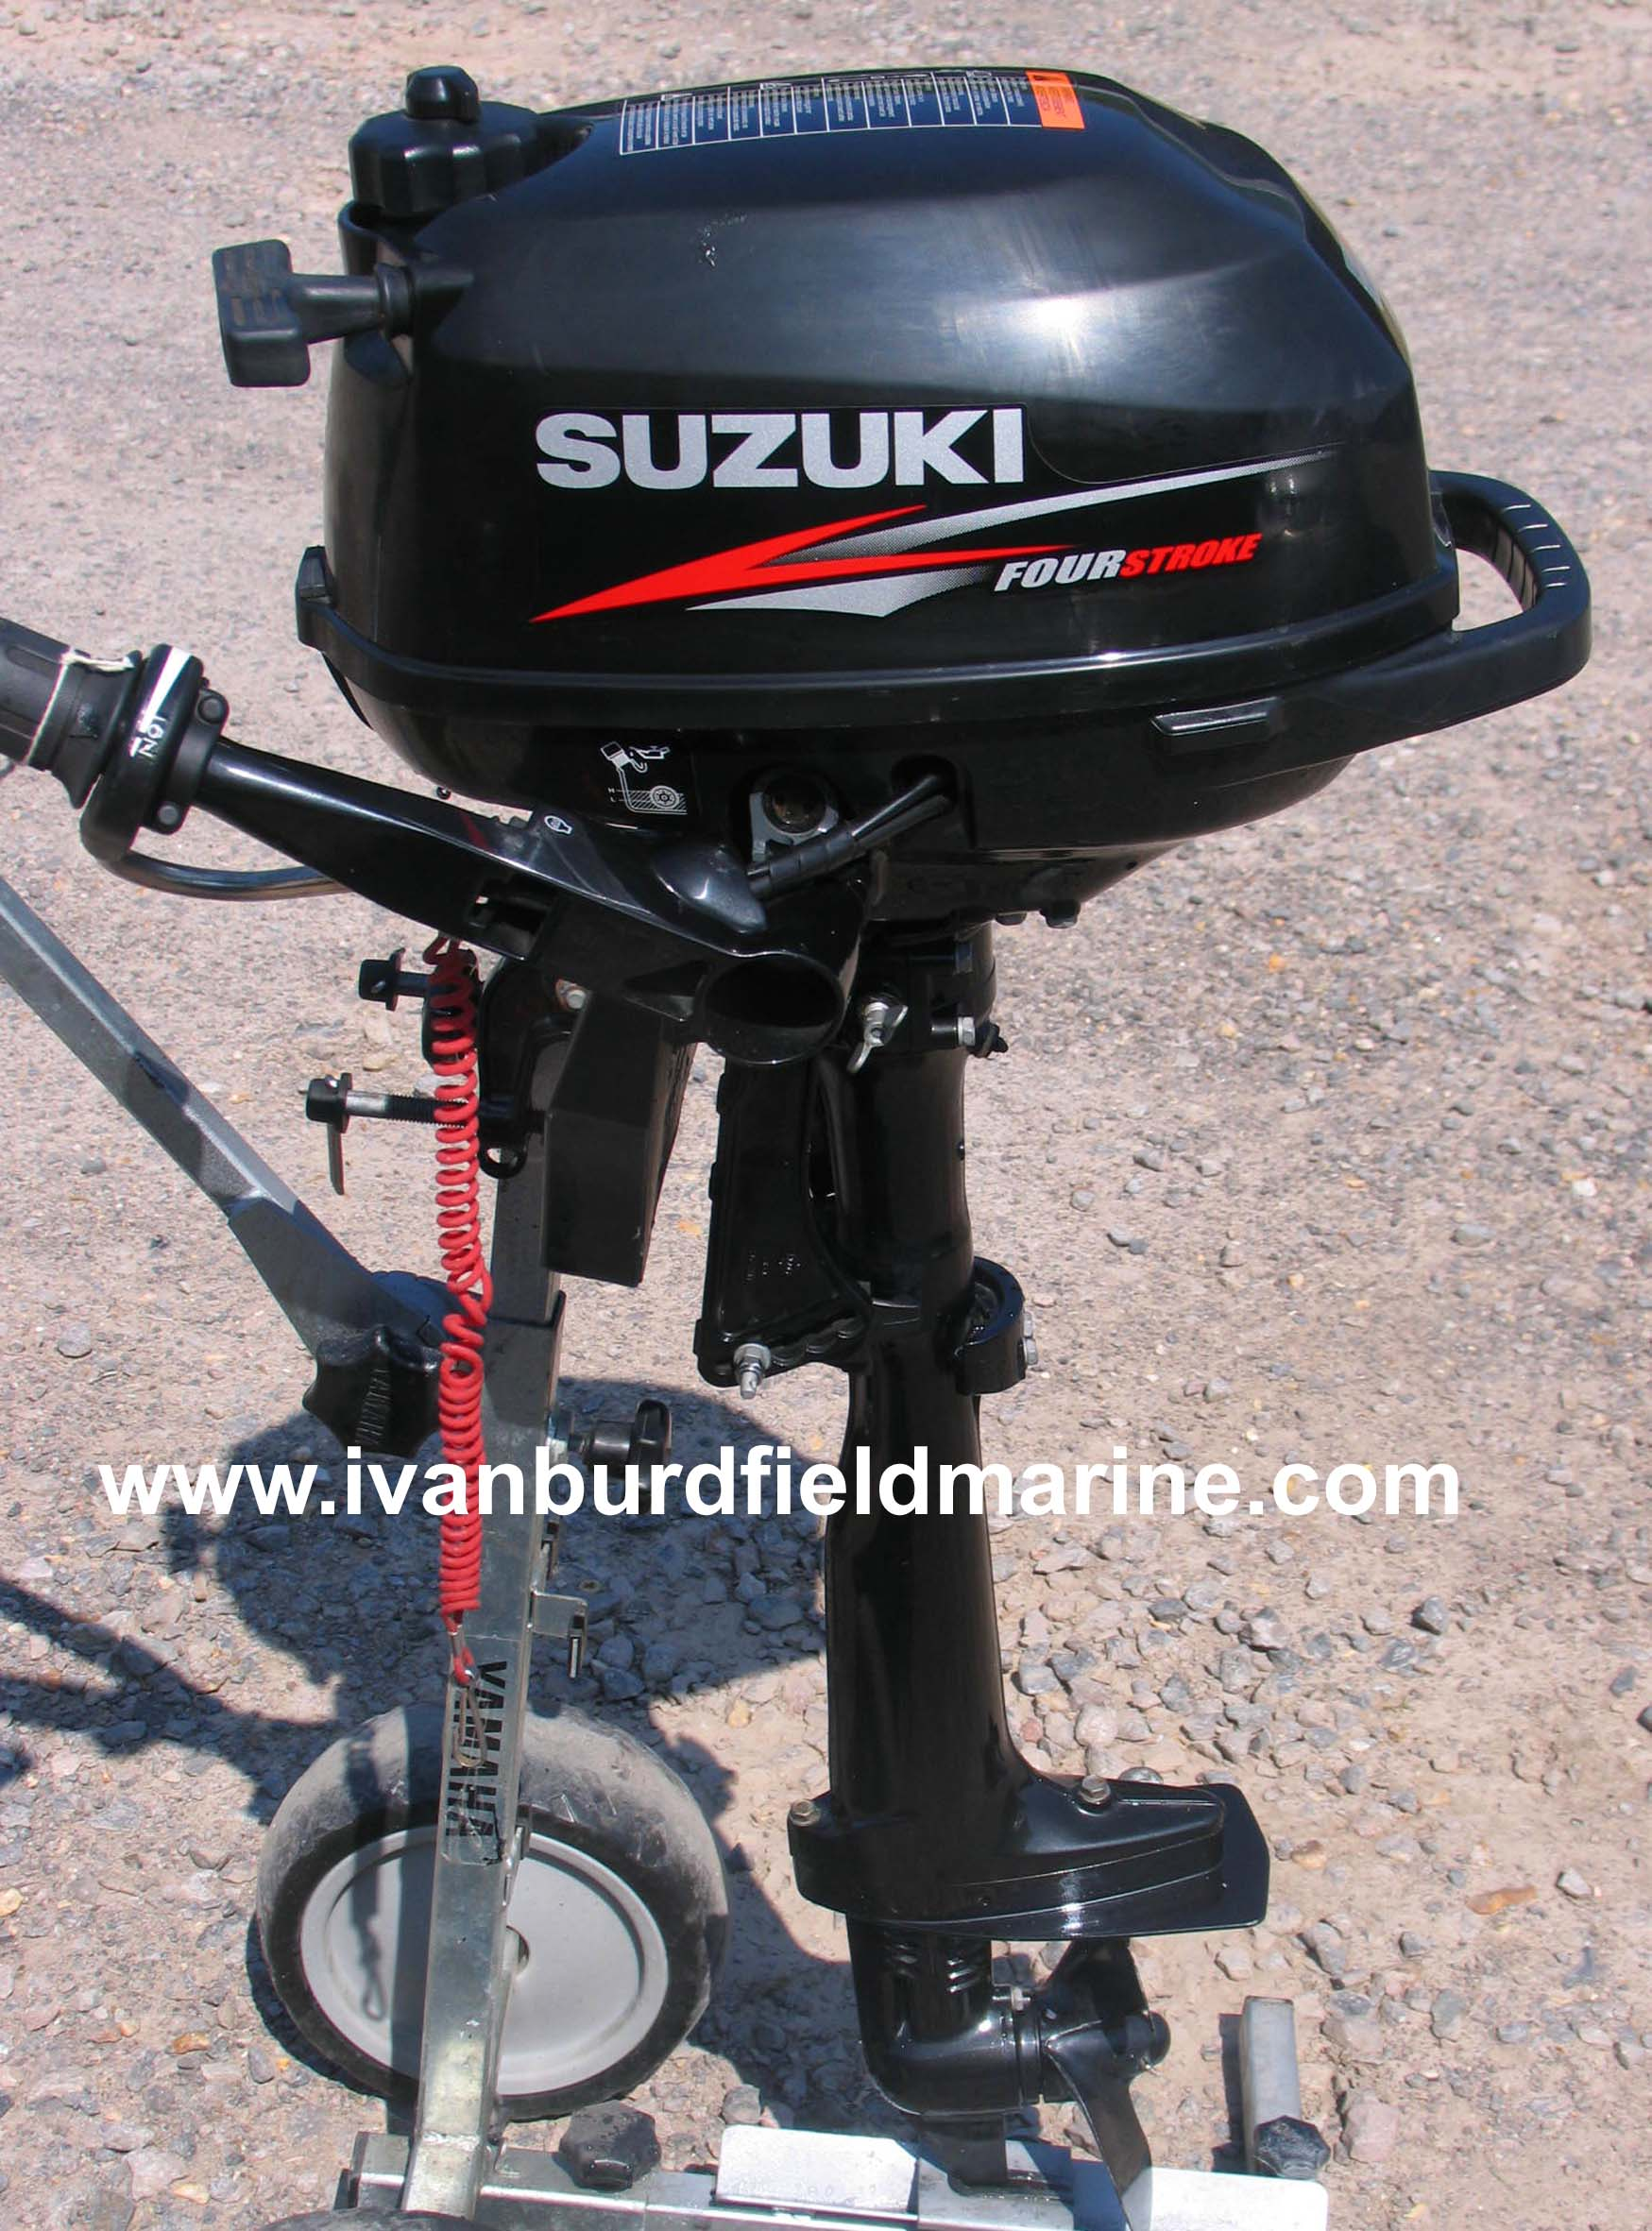 Suzuki outboard